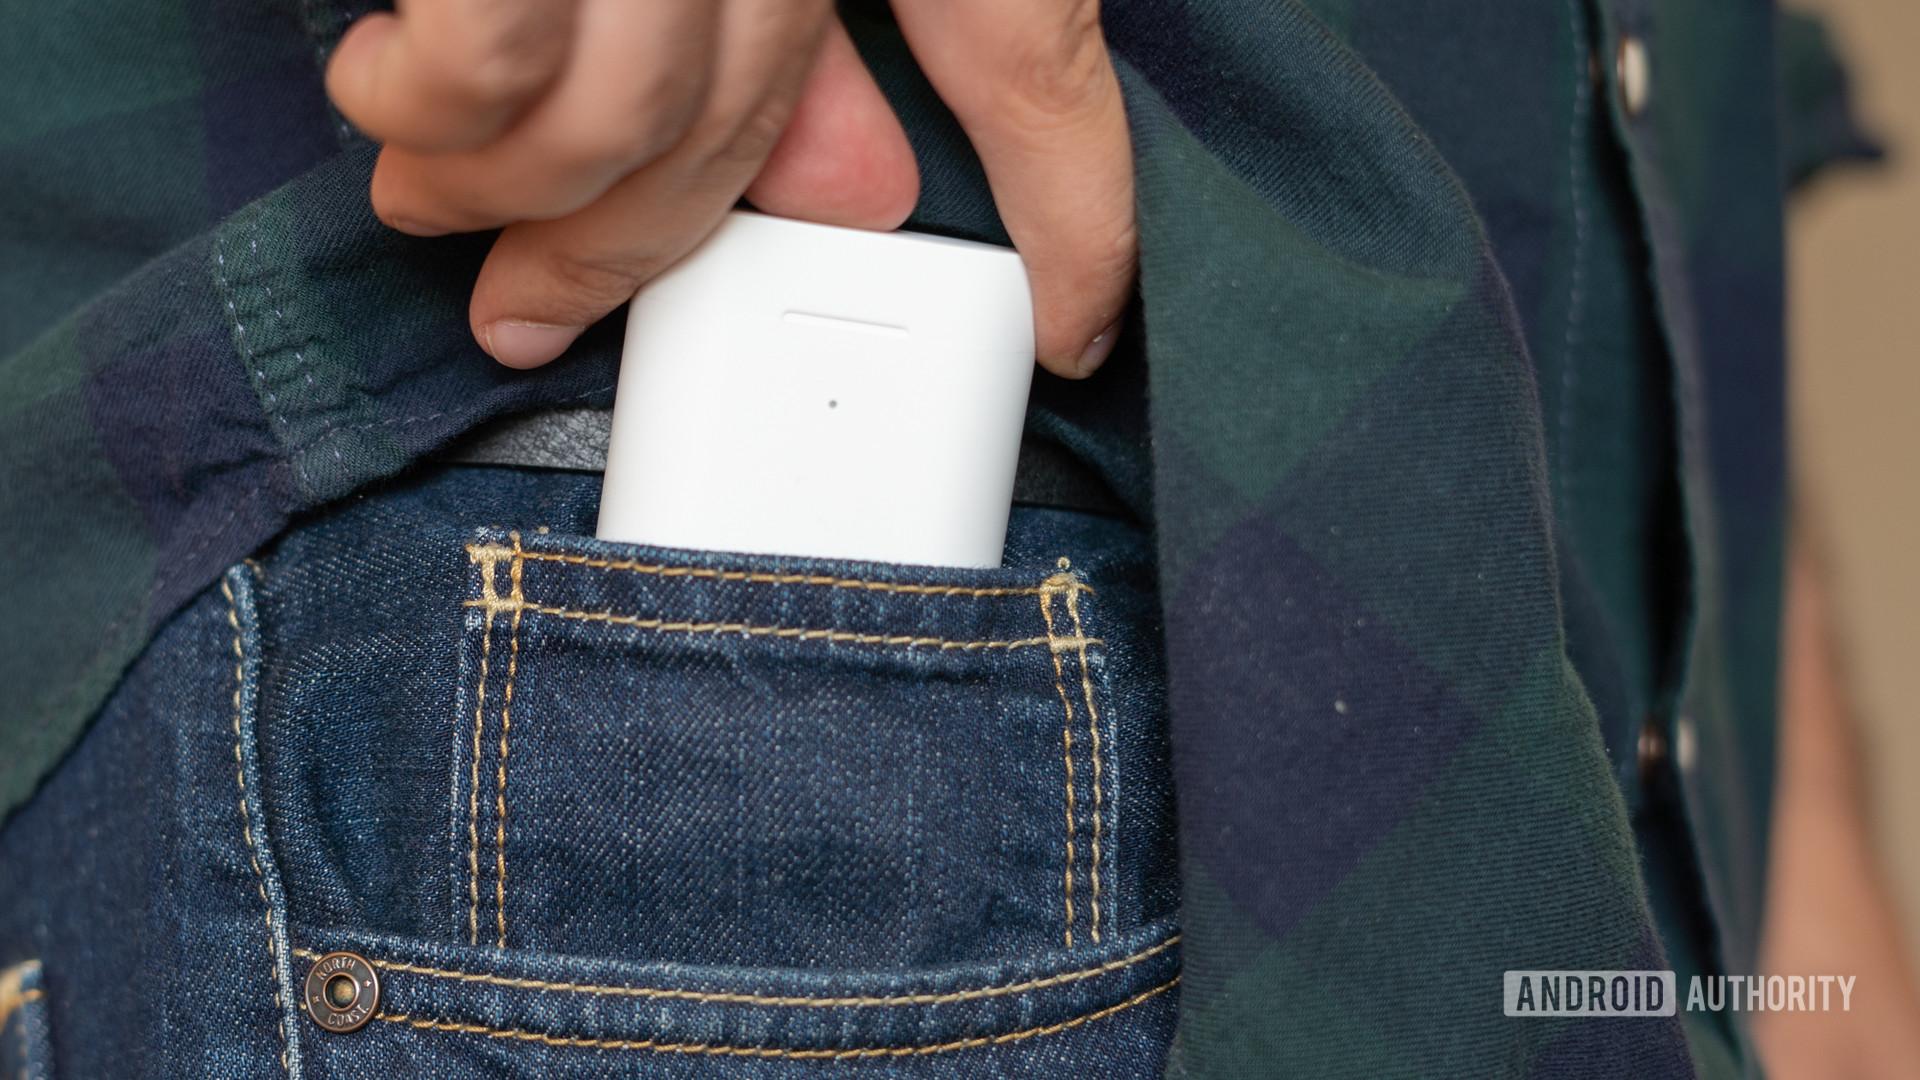 Image of Xiaomi True Wireless Earphones 2 case in jeans pocket